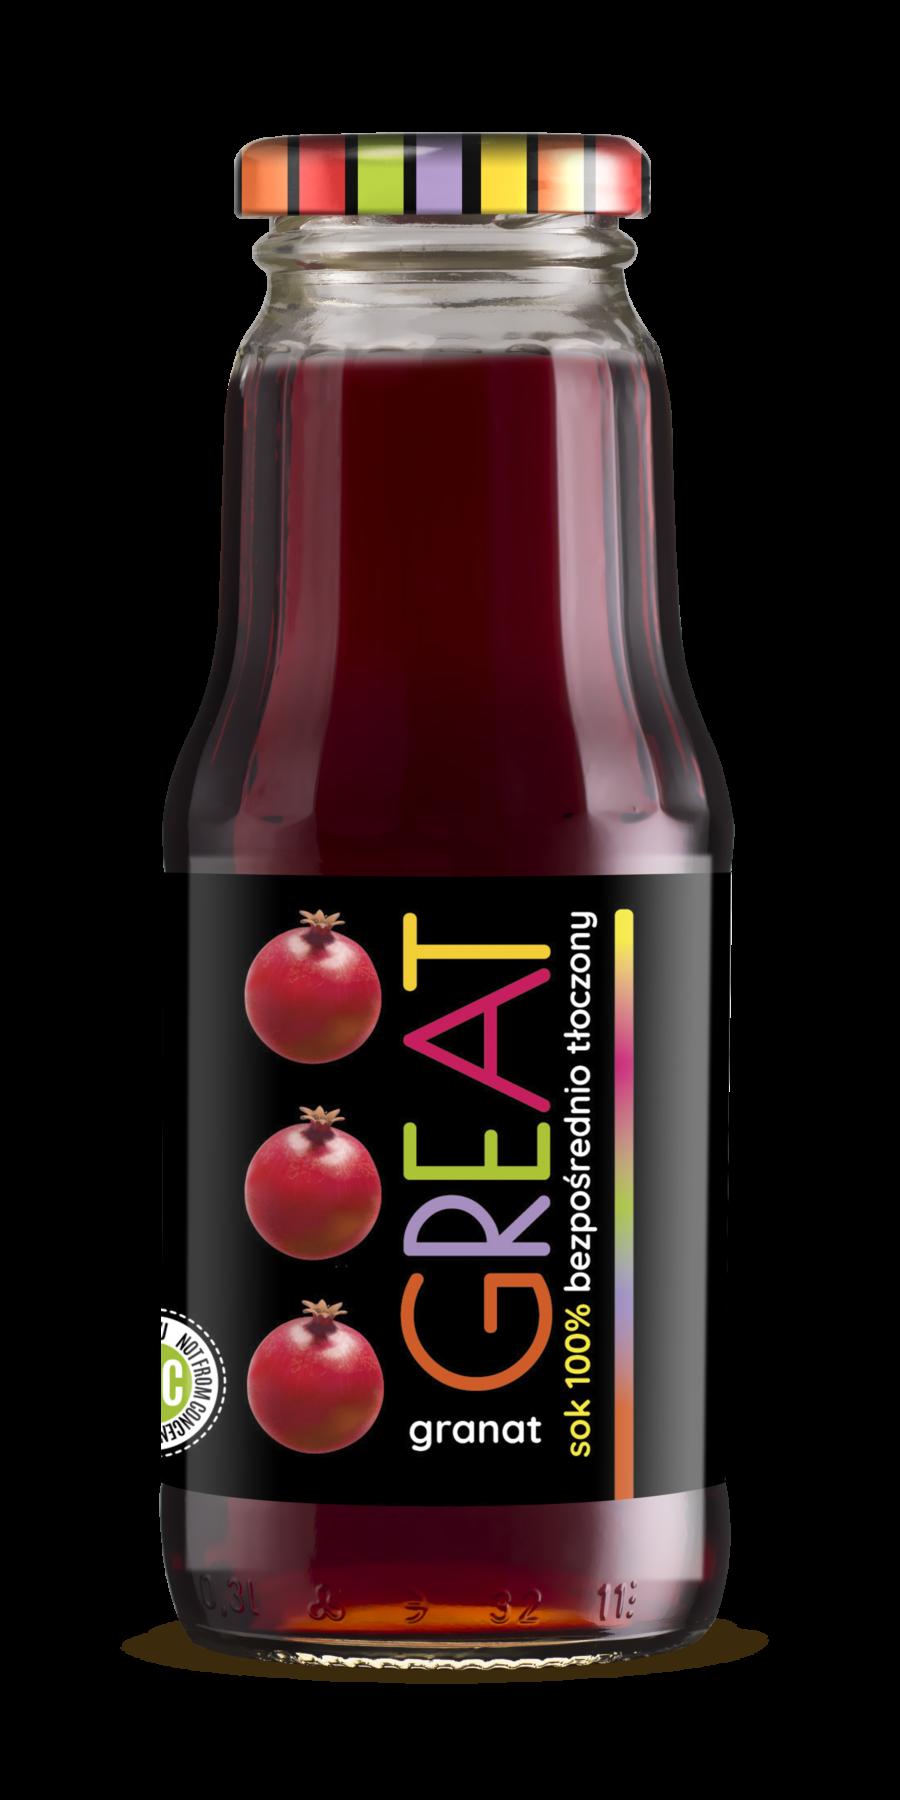 sok z owoców granatu fitnapoje